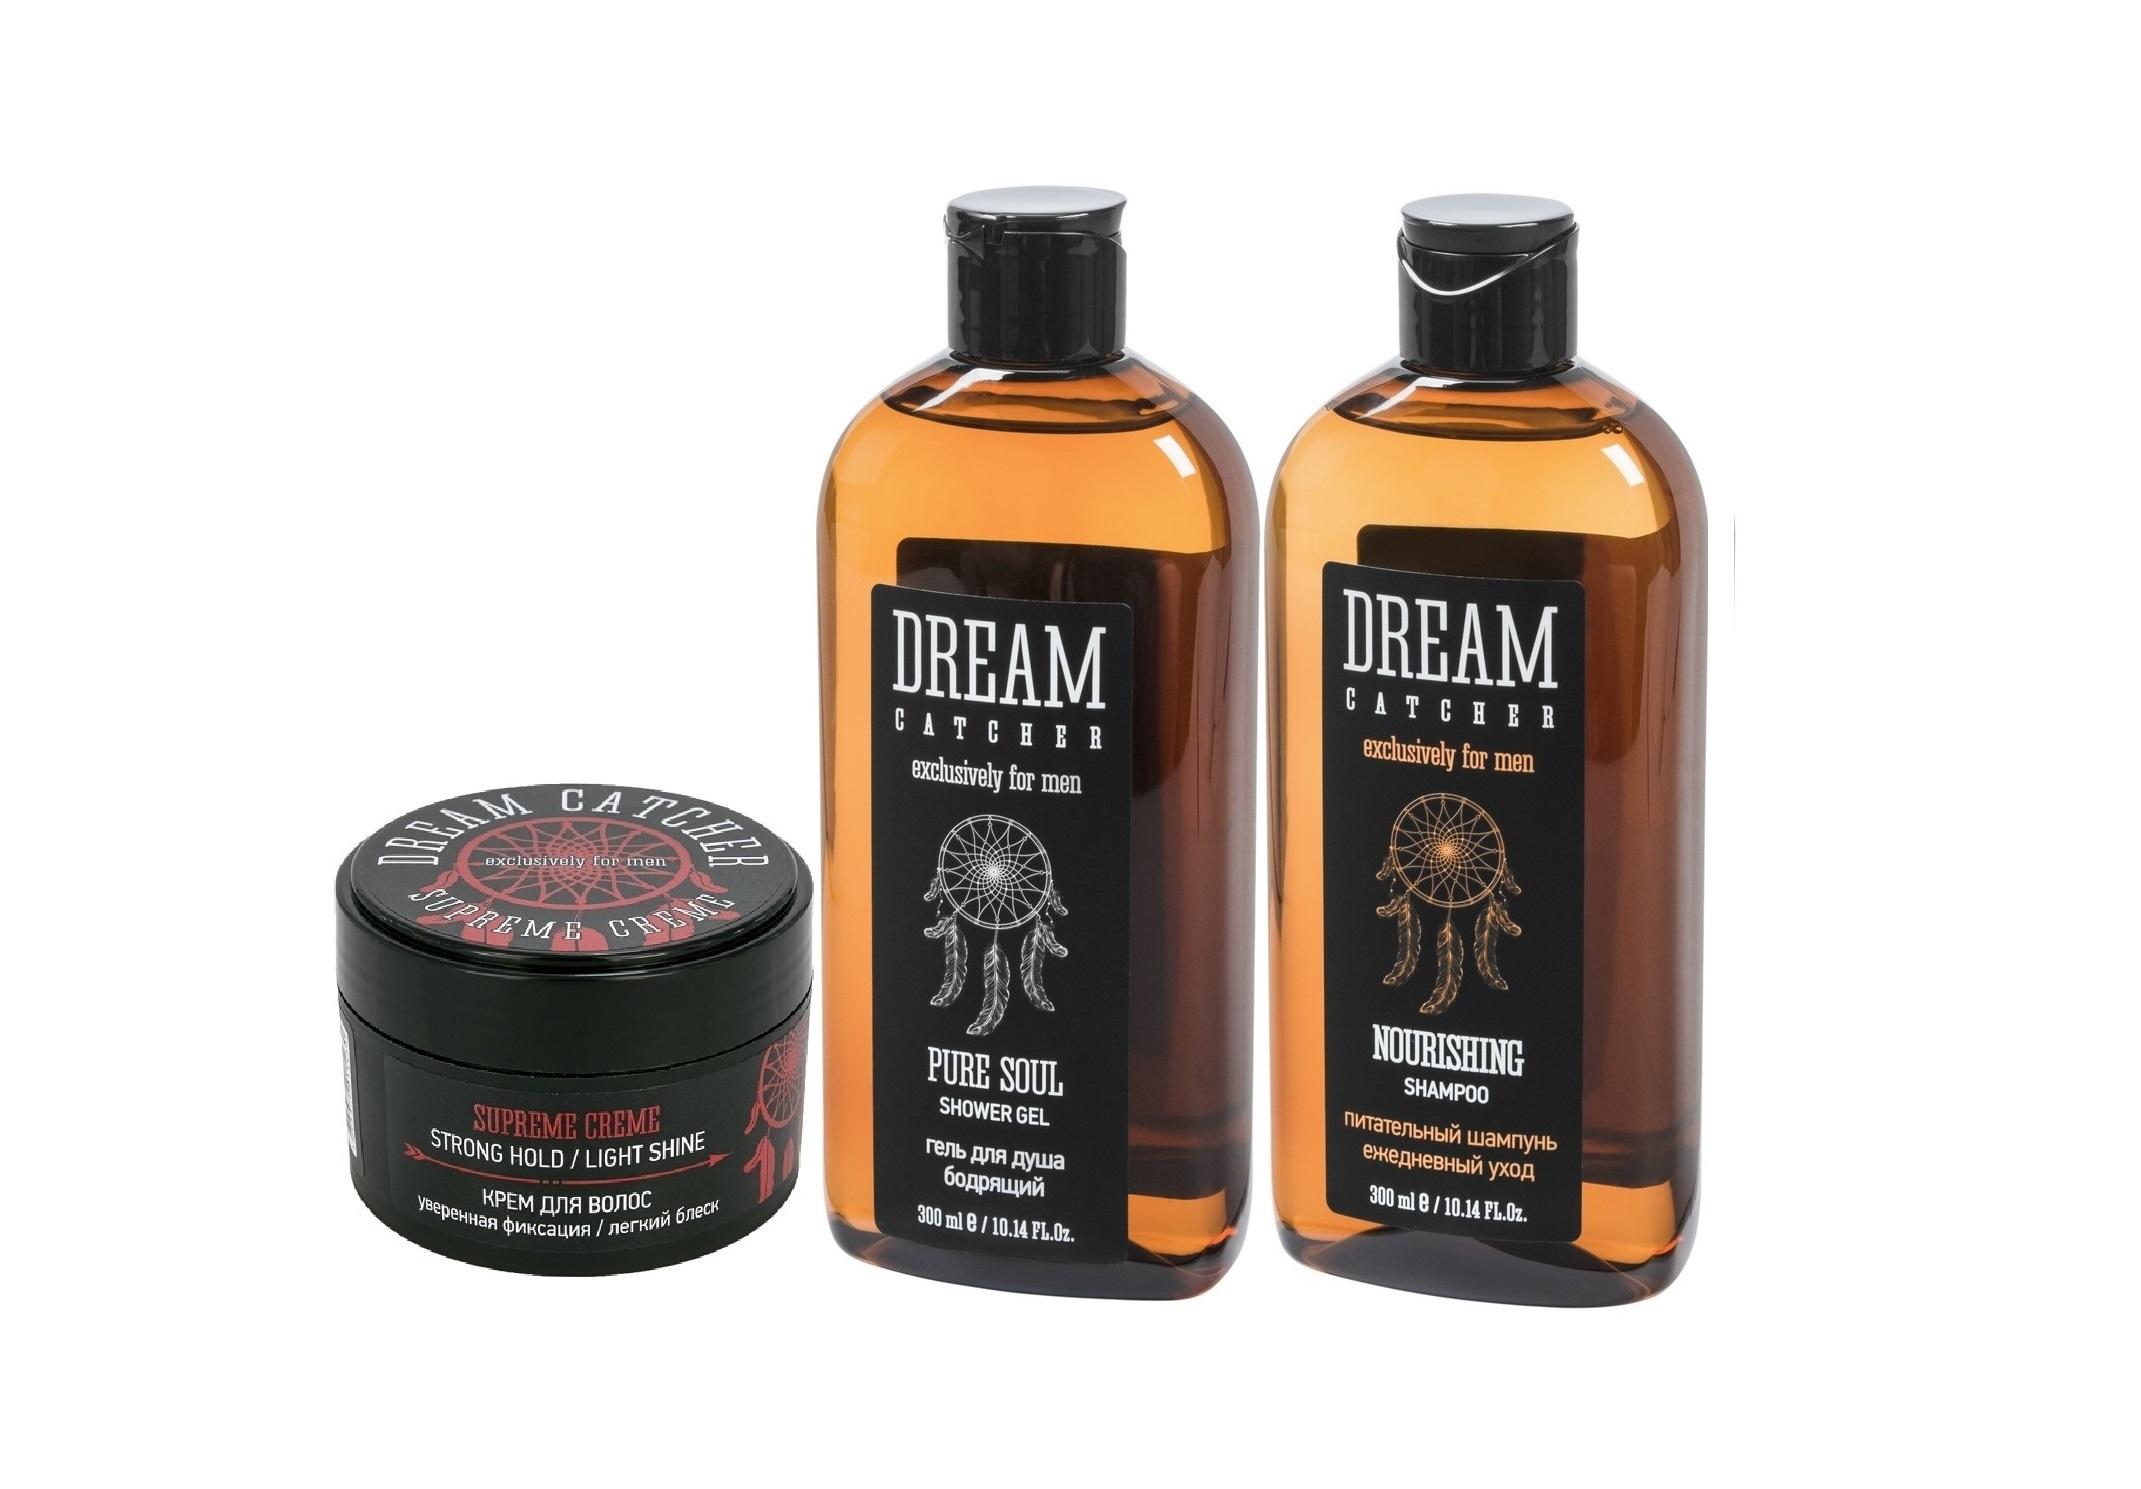 DREAM CATCHER Набор подарочный №2 для мужчин (питательный шампунь 300 мл, гель для душа 300 мл, крем для волос 100 г) DREAM CATCHER